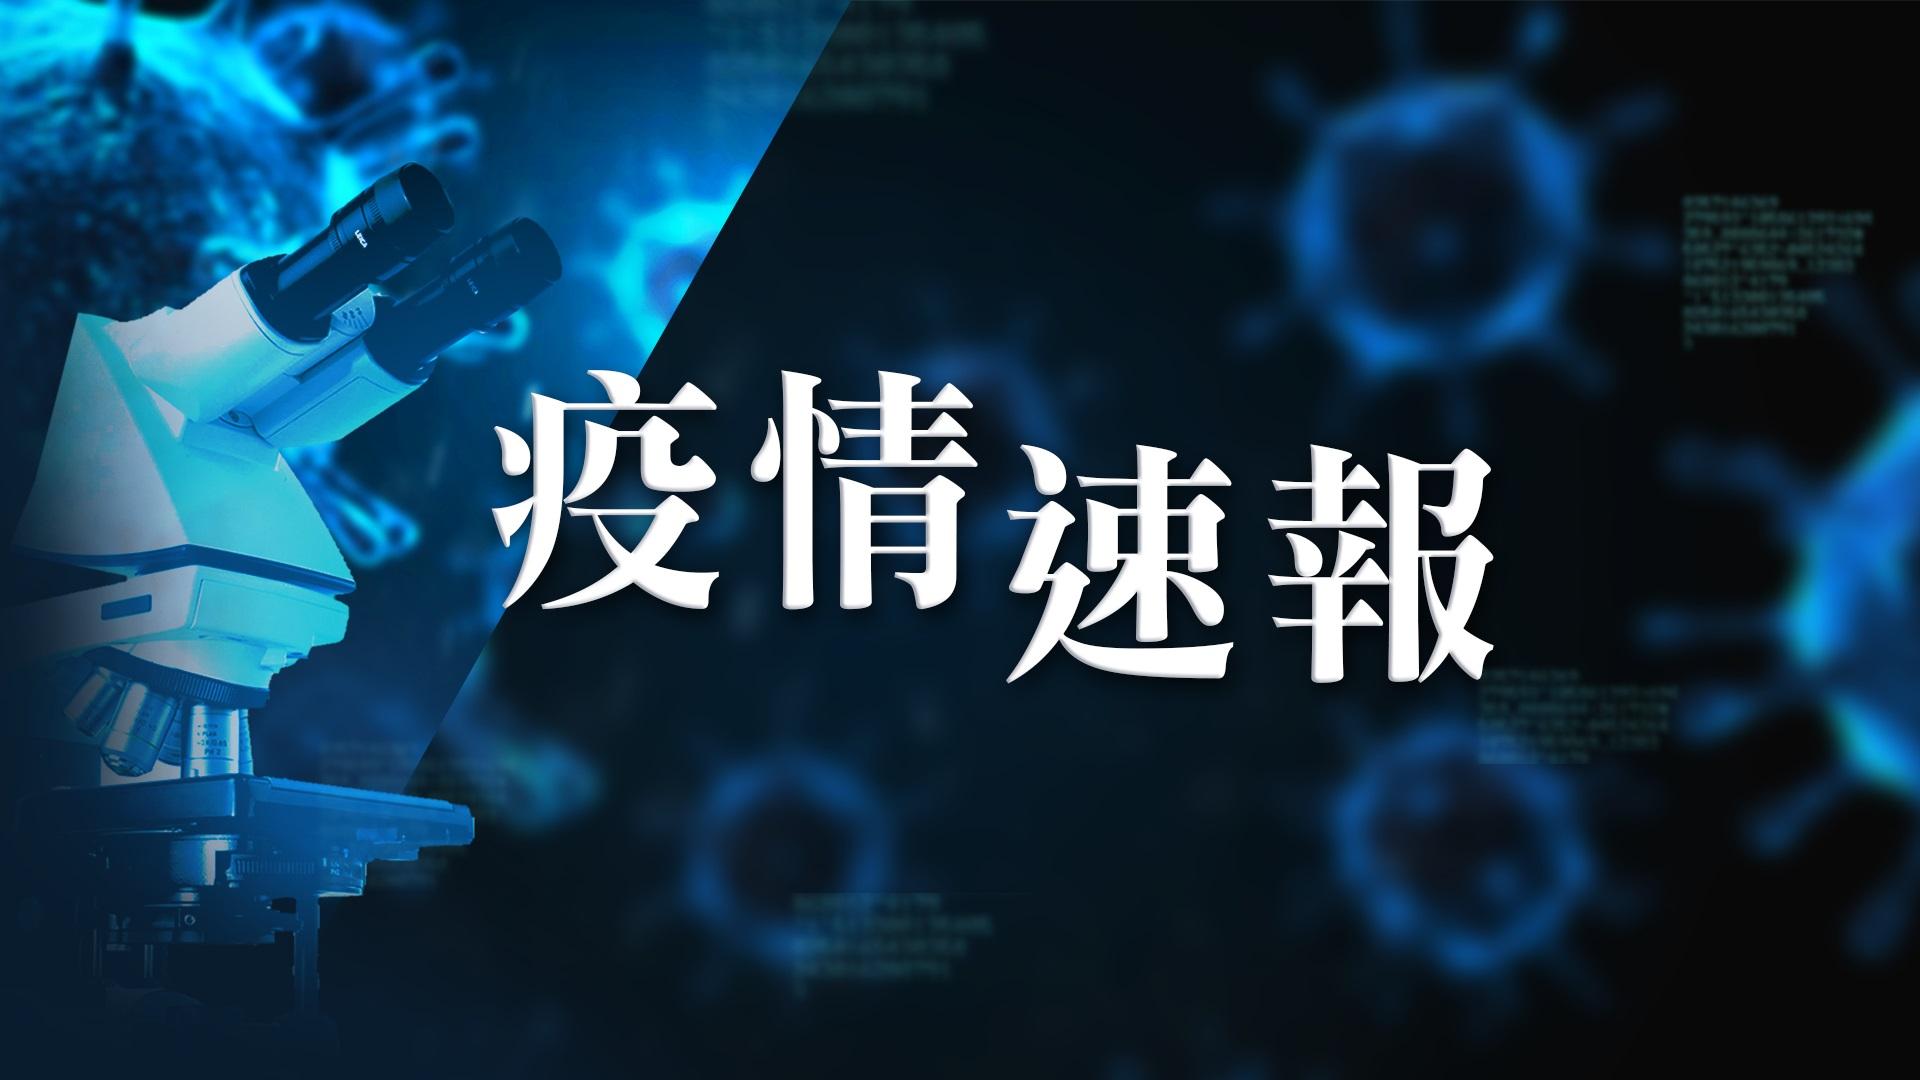 【12月31日疫情速報】(22:20)